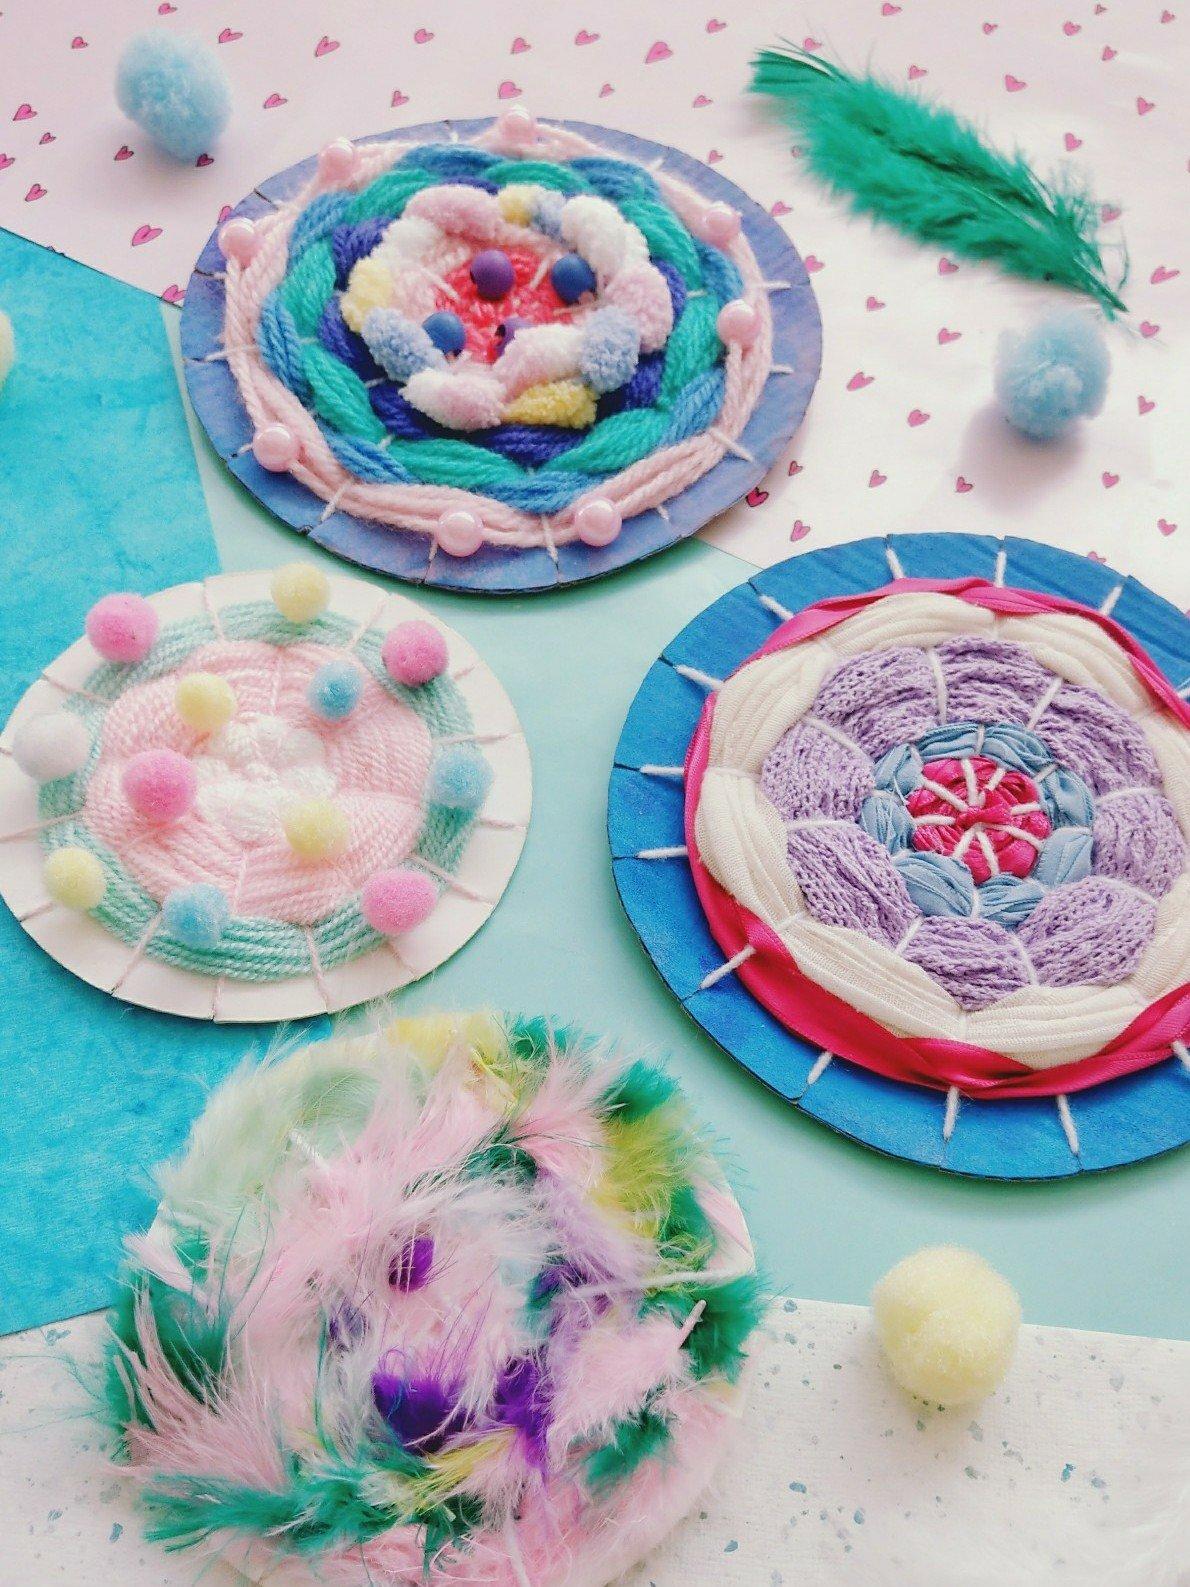 Es muss nicht immer nur Wolle sein. Mit Naturmaterialien wie Federn oder Blumen kann man auch tolle Webhilfe zaubern. Oder ihr webt Perlen mit ein und verziert euer Webbild mit Pompons.